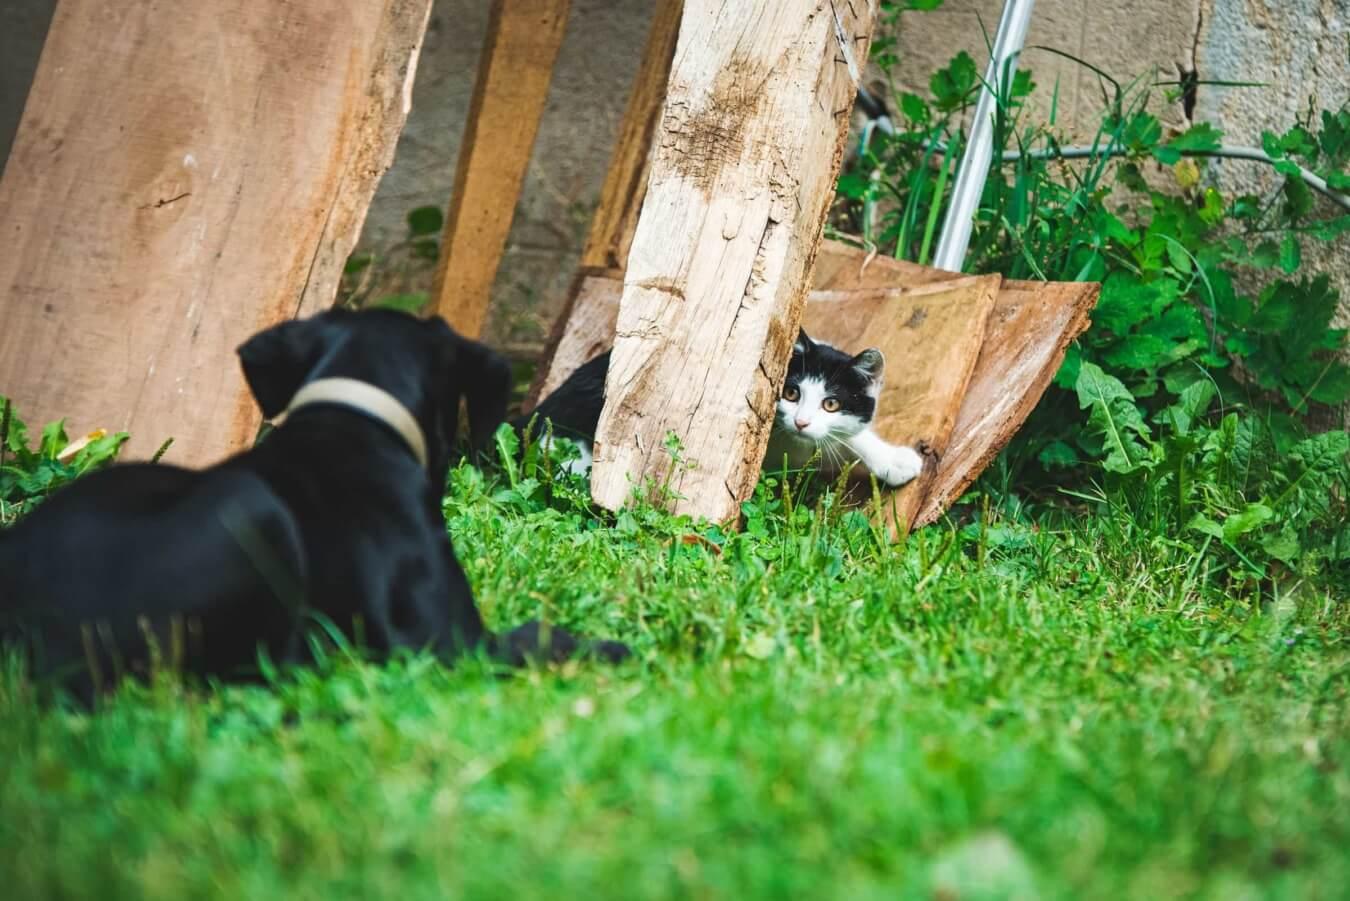 Hond en kat buiten